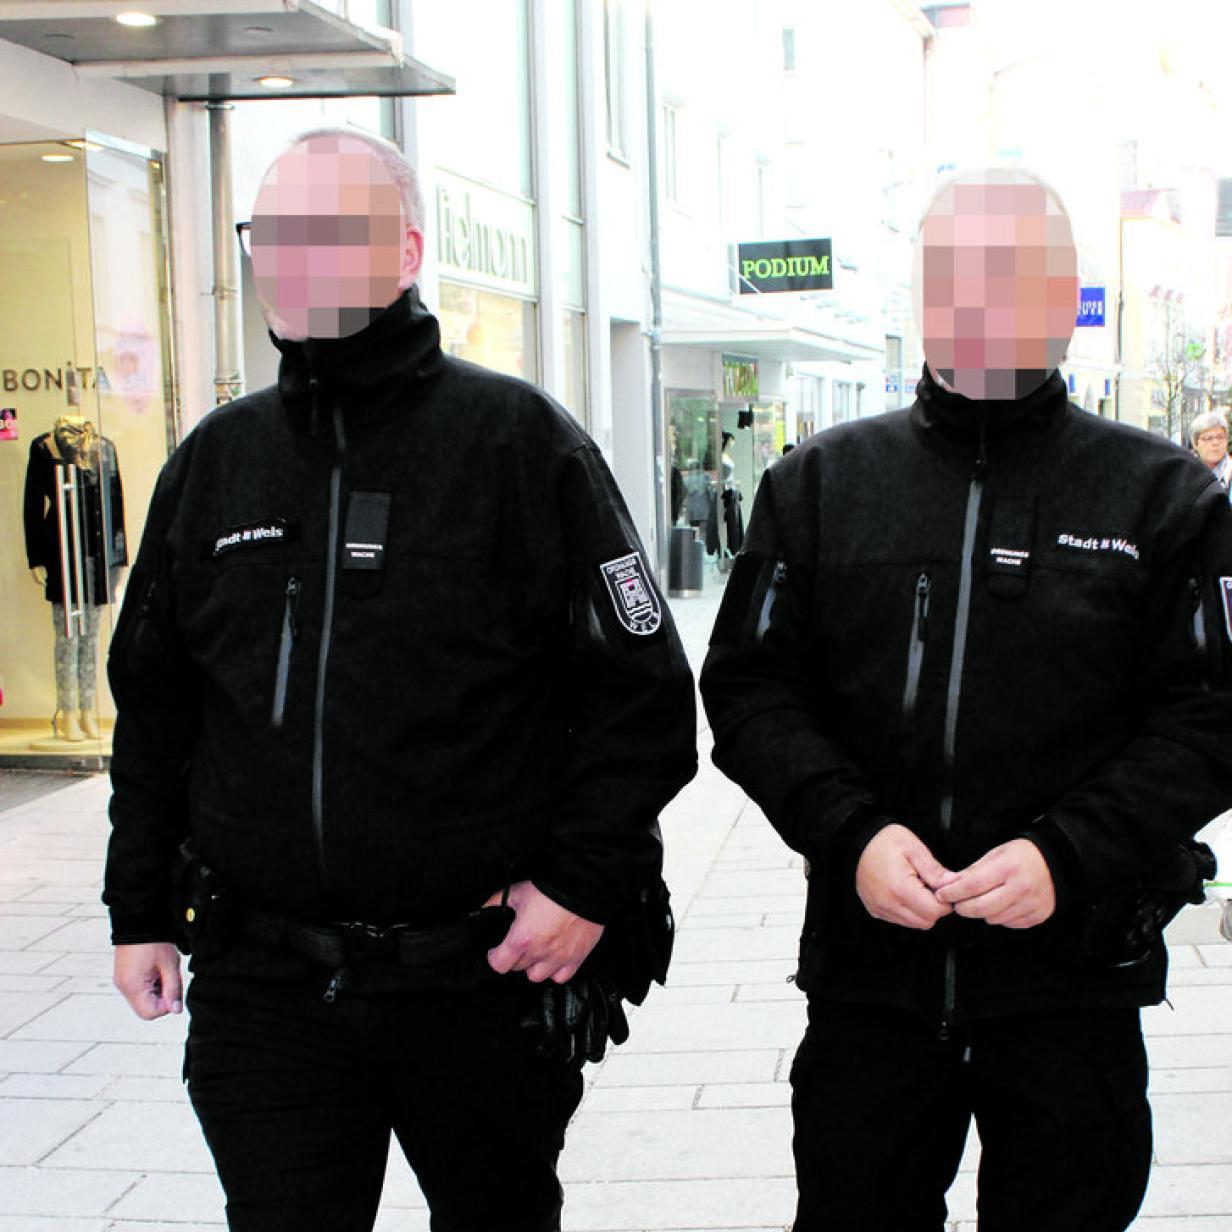 Stadt Wels entlässt Ordnungswächter, der Hakenkreuze verkaufte